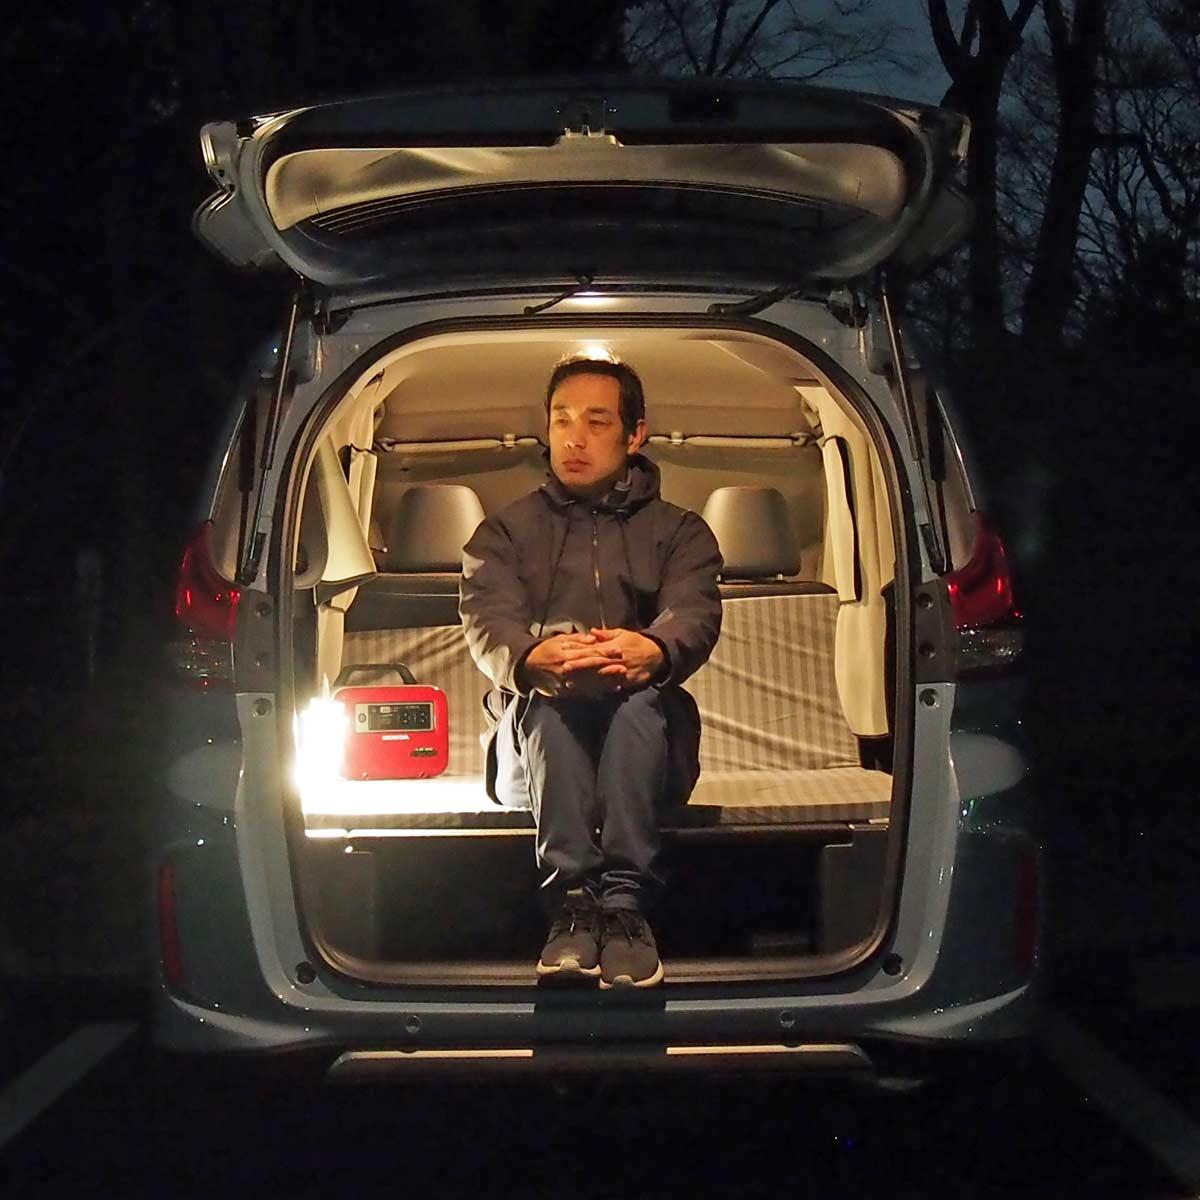 【実践編】ドラマ「絶メシロード」と同じようにホンダ「フリード+」で車中泊する旅に挑戦!